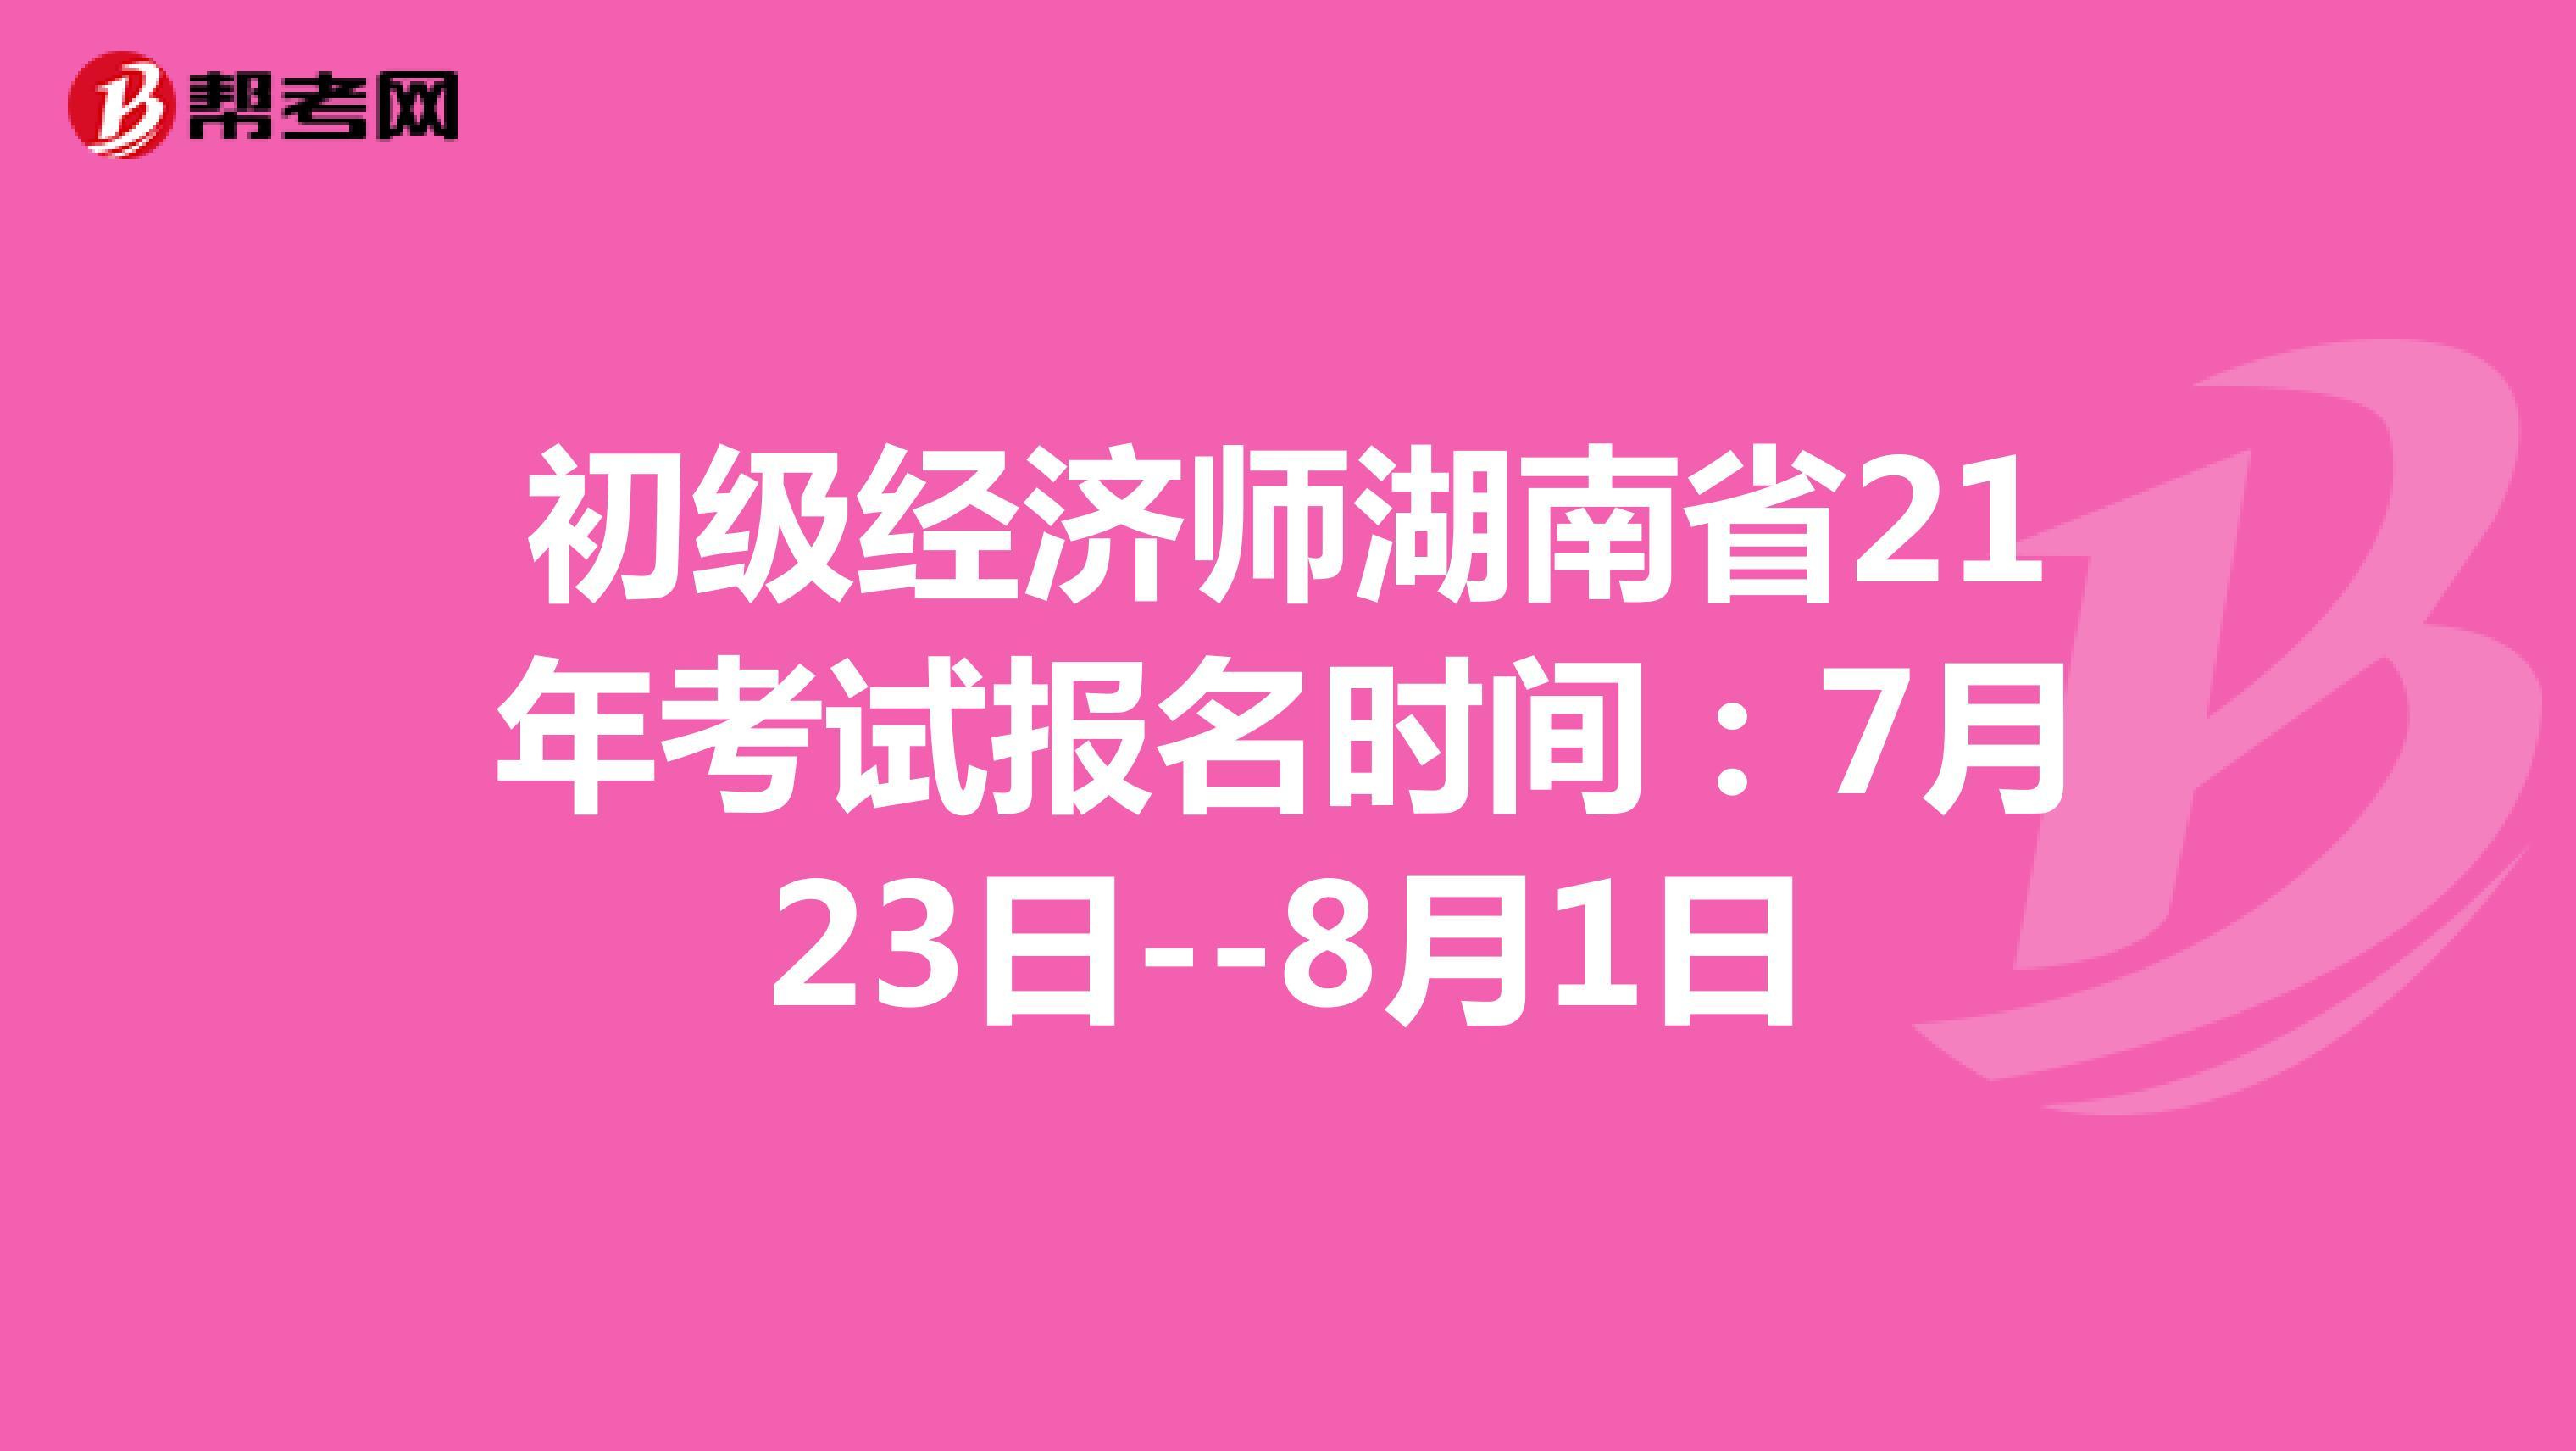 初级经济师湖南省21年考试报名时间:7月23日--8月1日